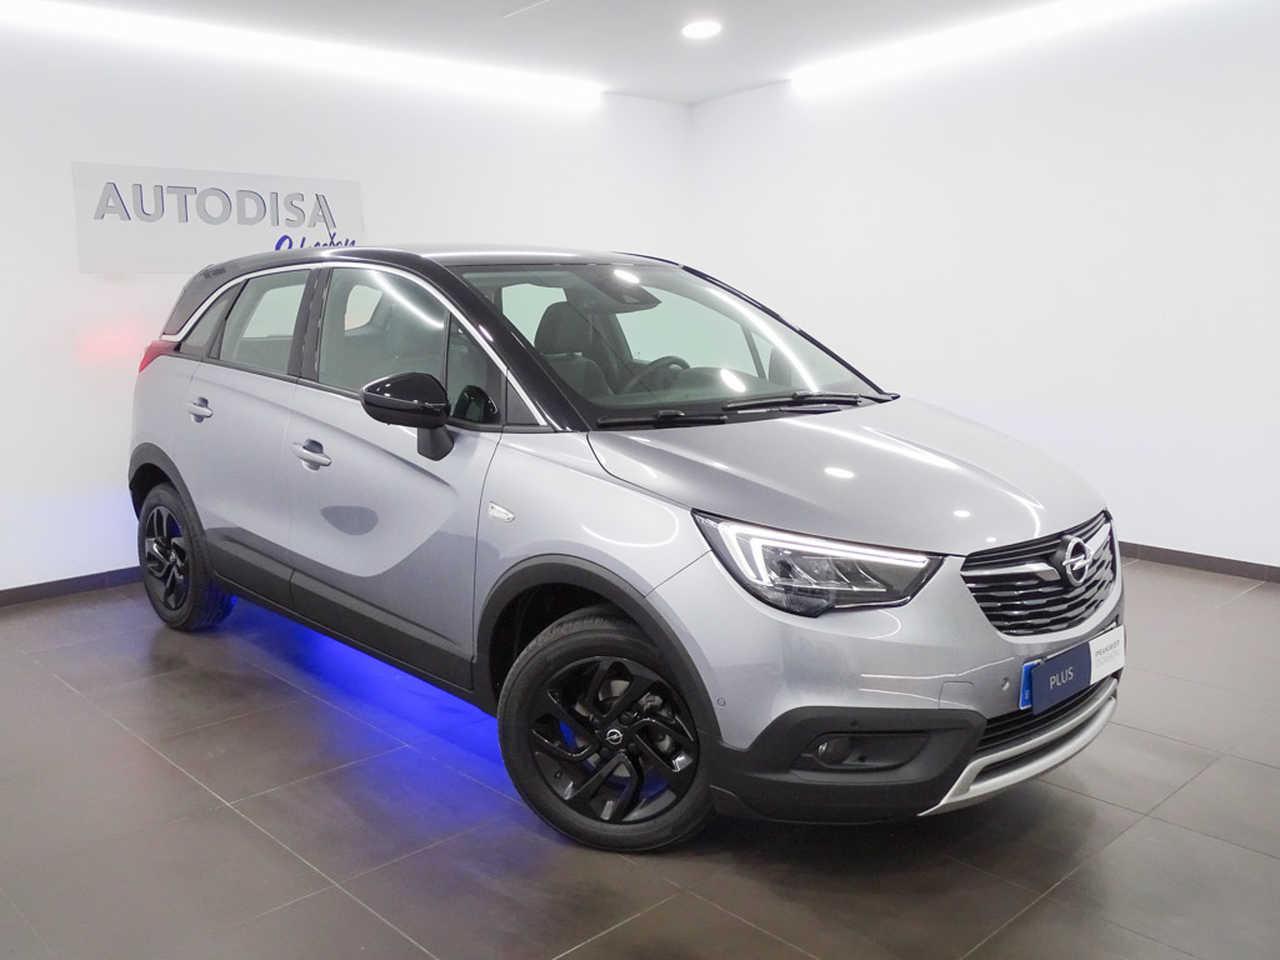 Opel Crossland X 1.5 102CV S/S INNOVATION